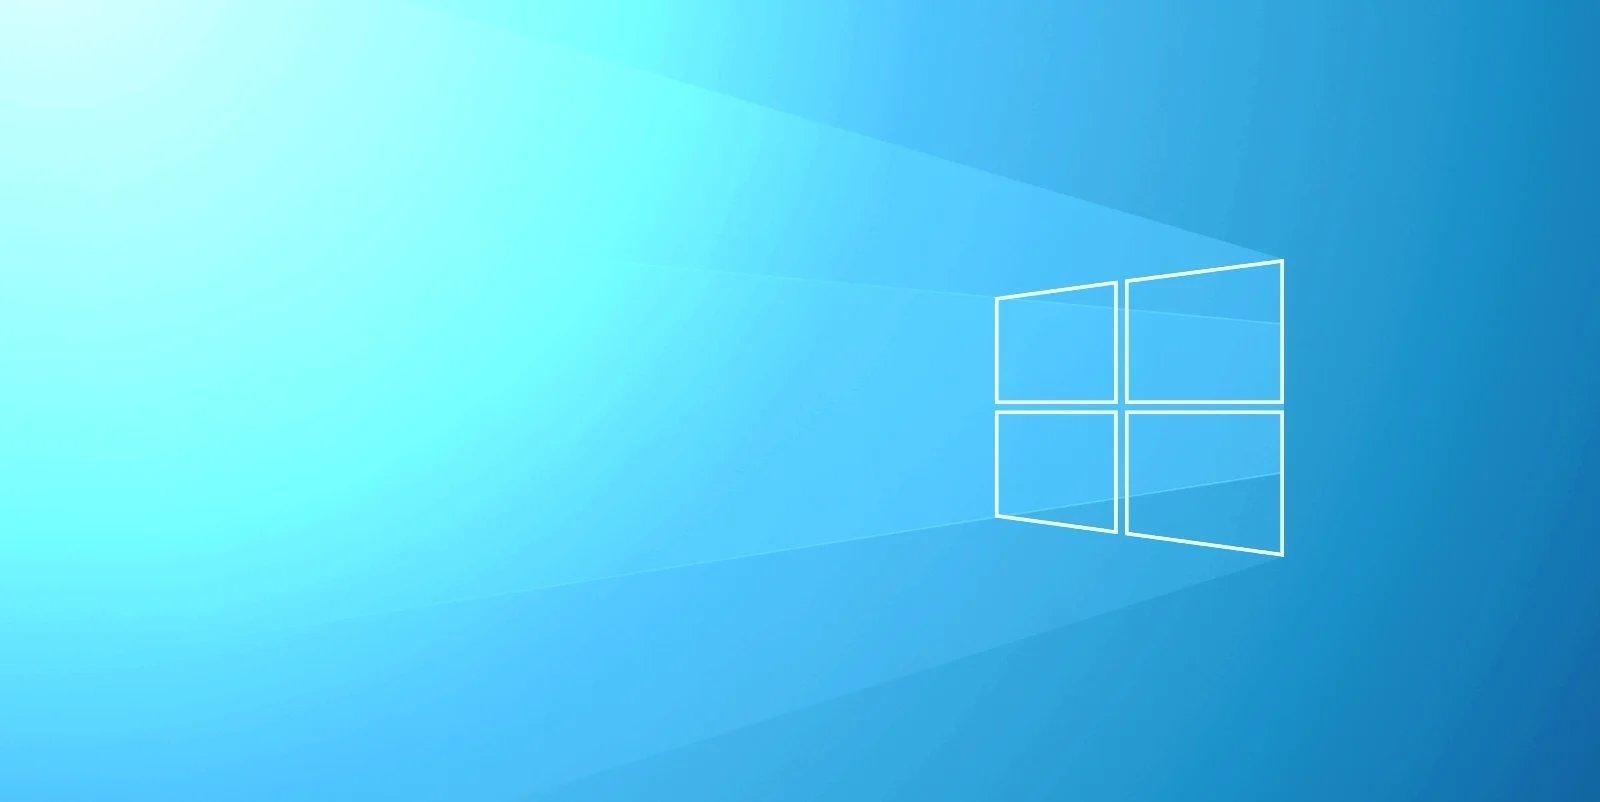 Windows 21h2